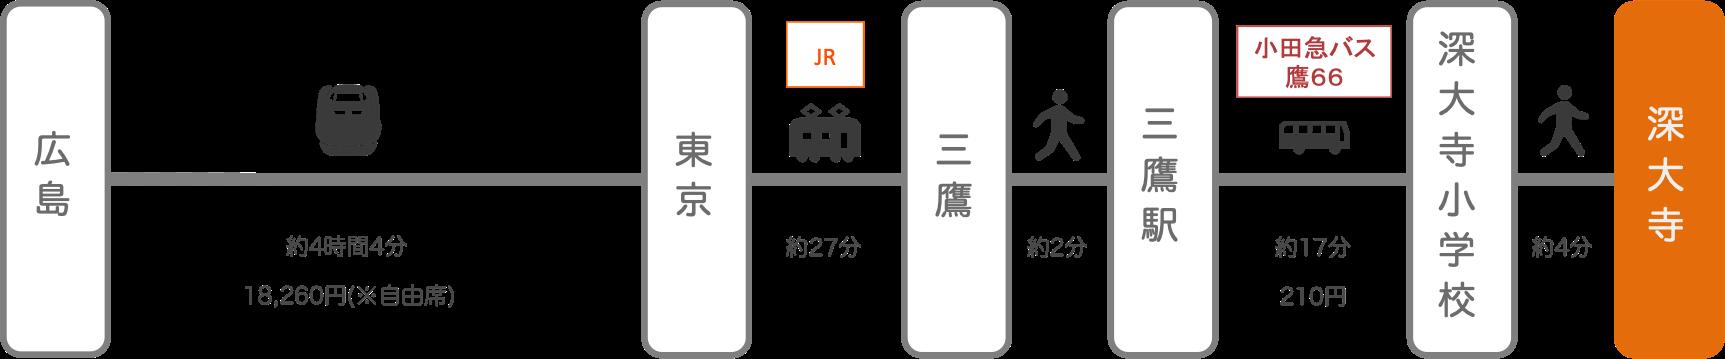 深大寺_広島_新幹線